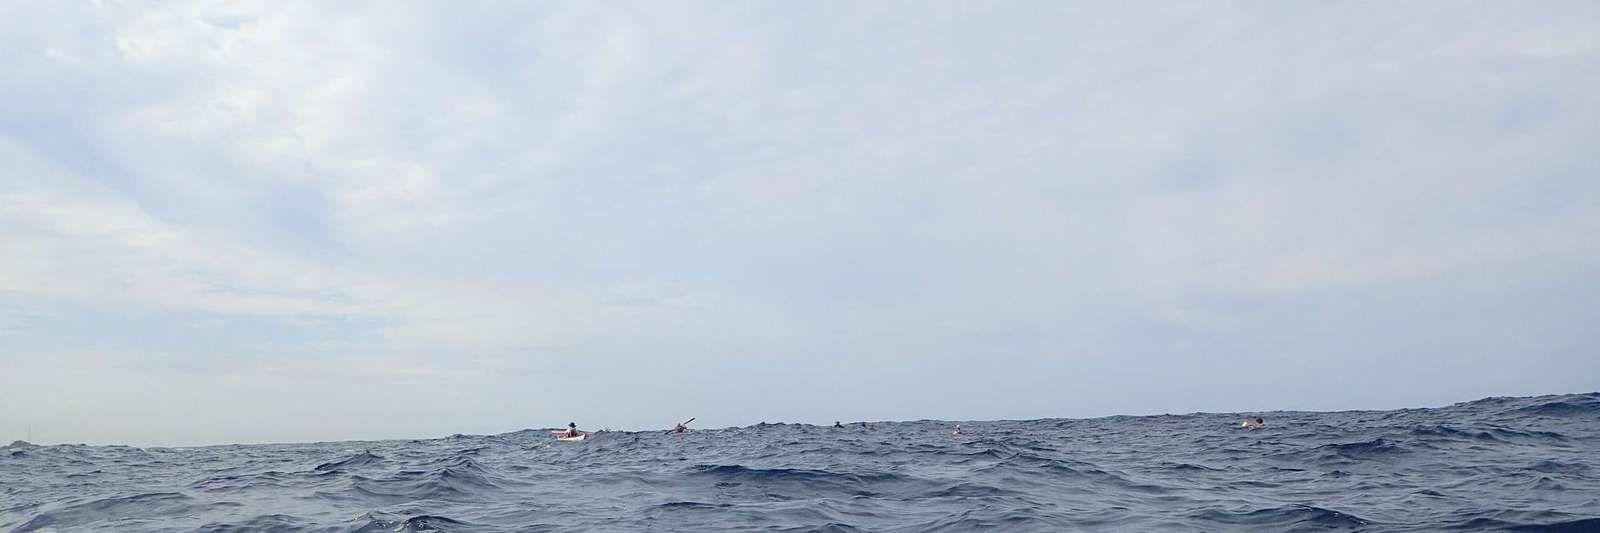 La joyeuse équipée de 9 kayakistes finistériens en Corse - Chapitre 8